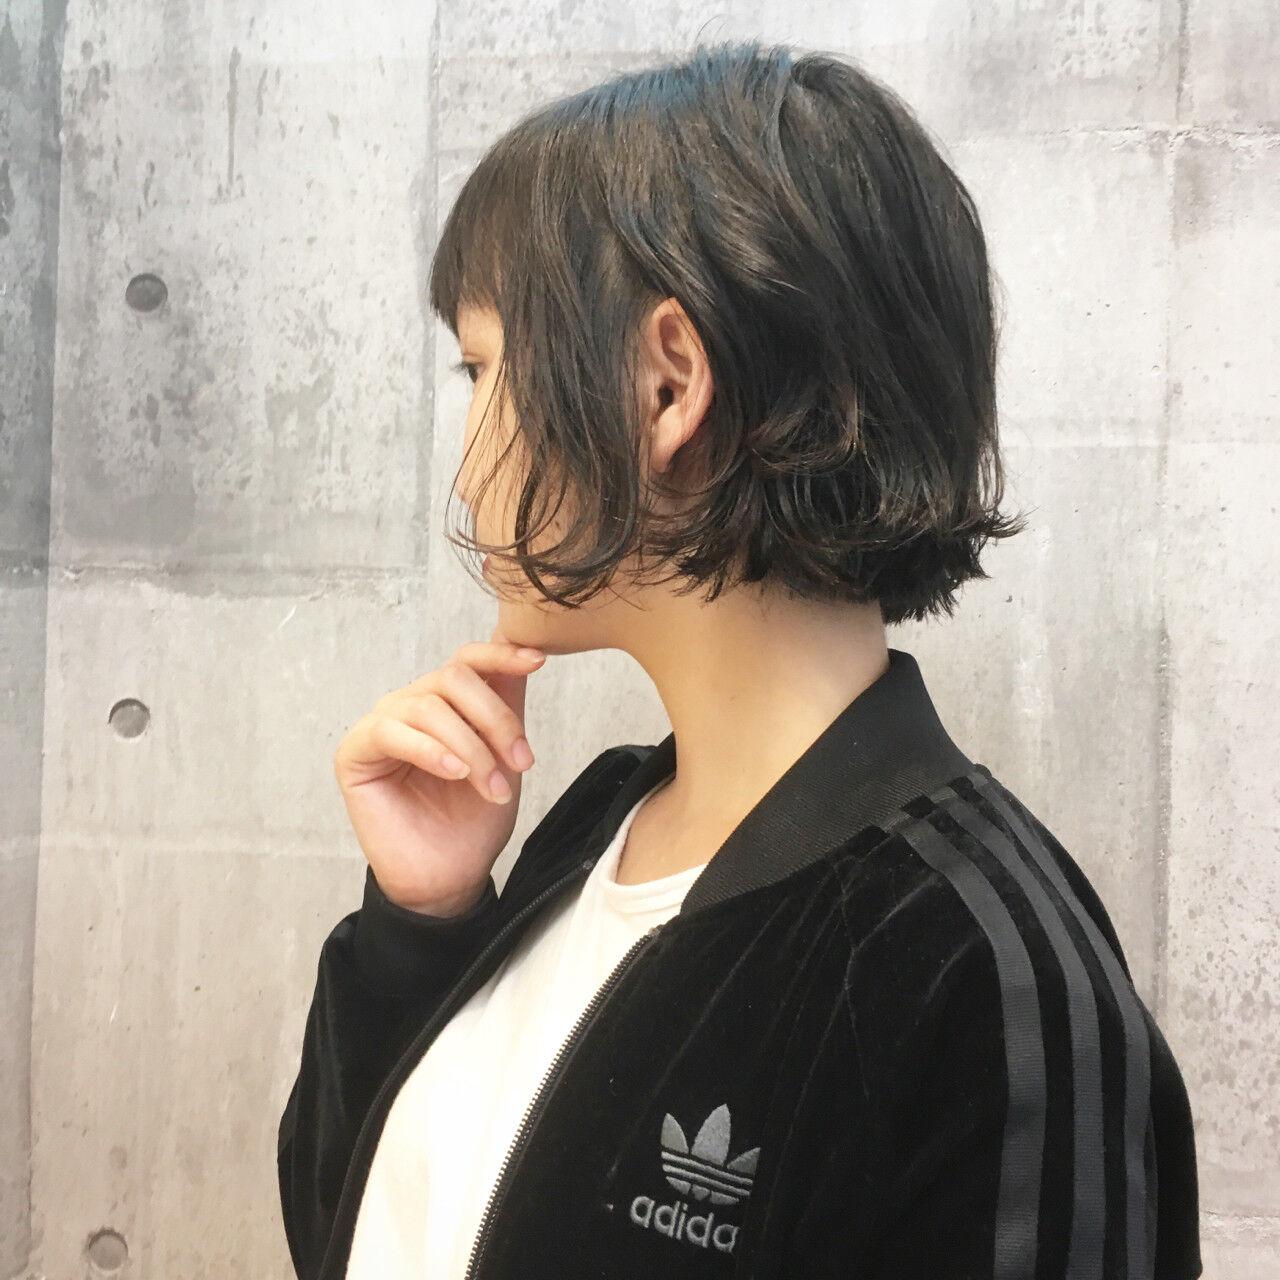 前髪あり 切りっぱなし ウェットヘア 抜け感ヘアスタイルや髪型の写真・画像